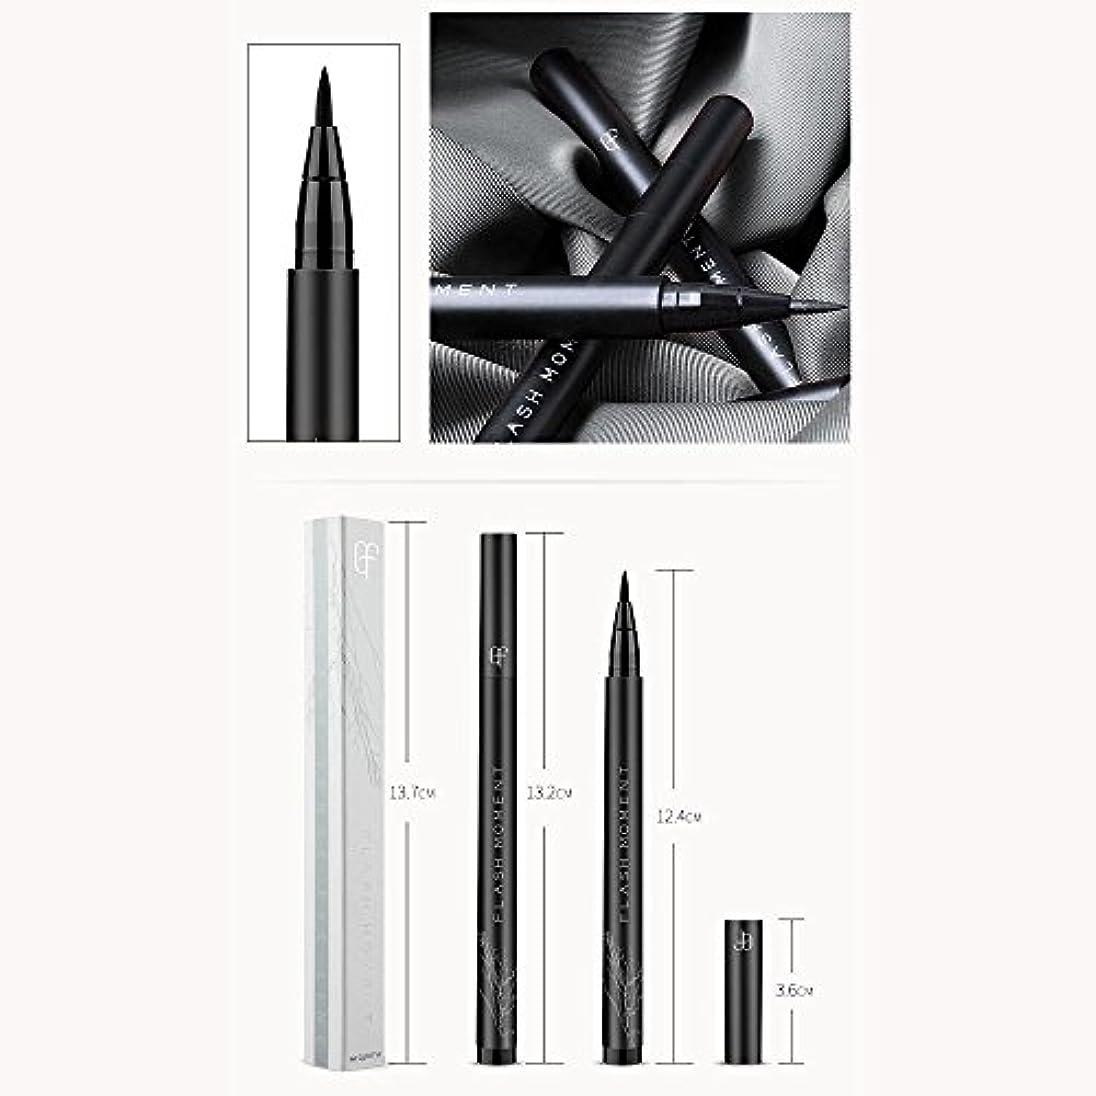 財政社会科ホラー黒防水アイライナーリキッドアイライナーペン鉛筆メイク化粧品